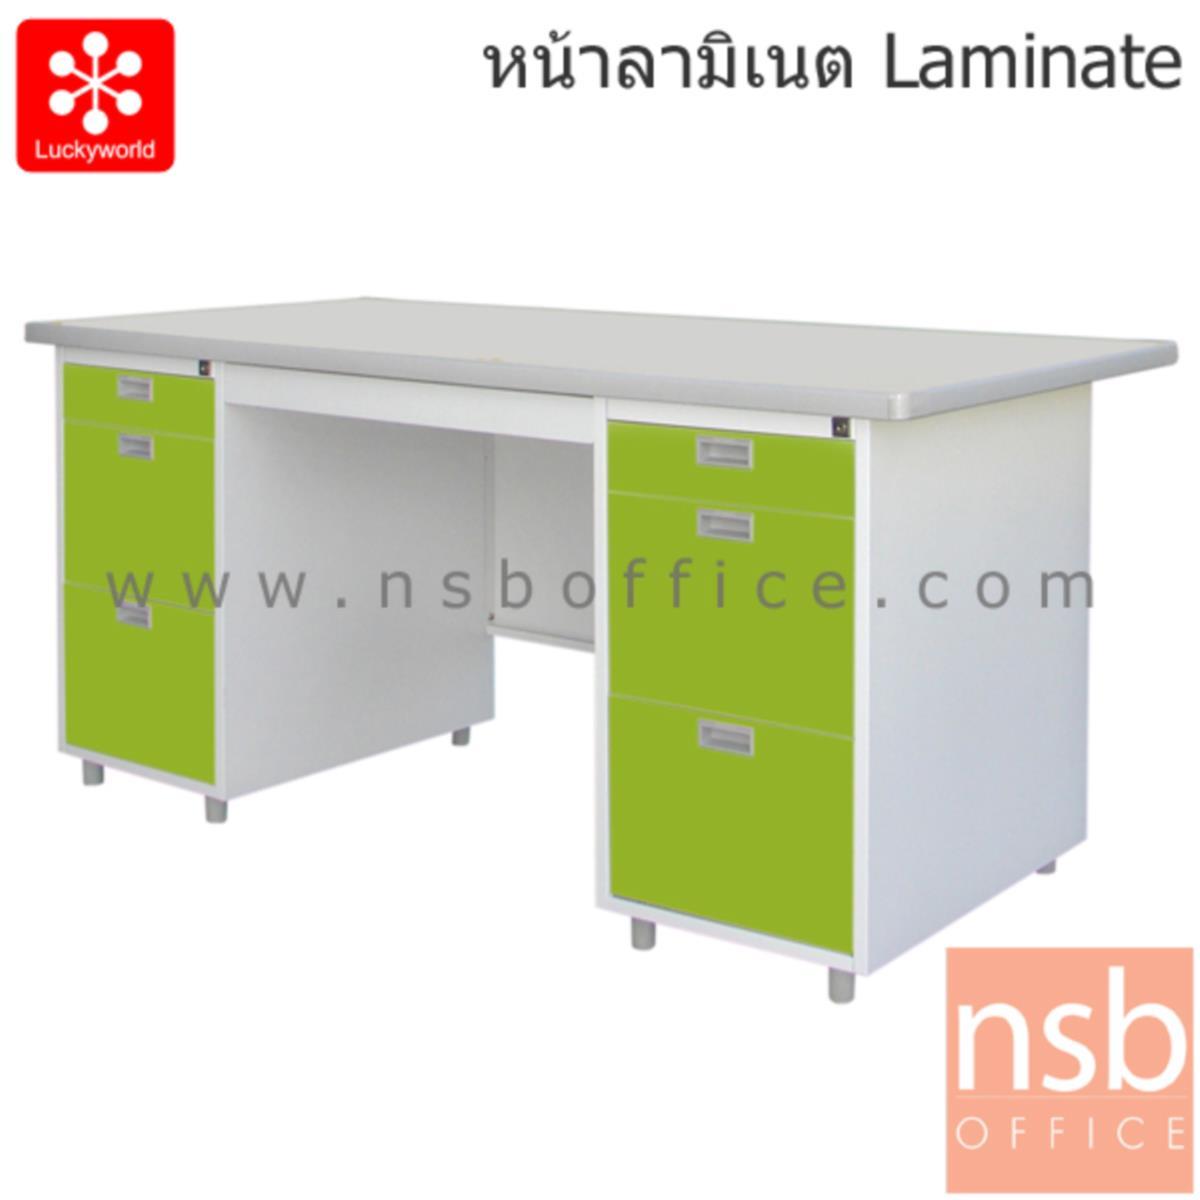 โต๊ะทำงานเหล็ก 7 ลิ้นชัก รุ่น DL-52-33 159.5W cm. หน้าลามิเนท